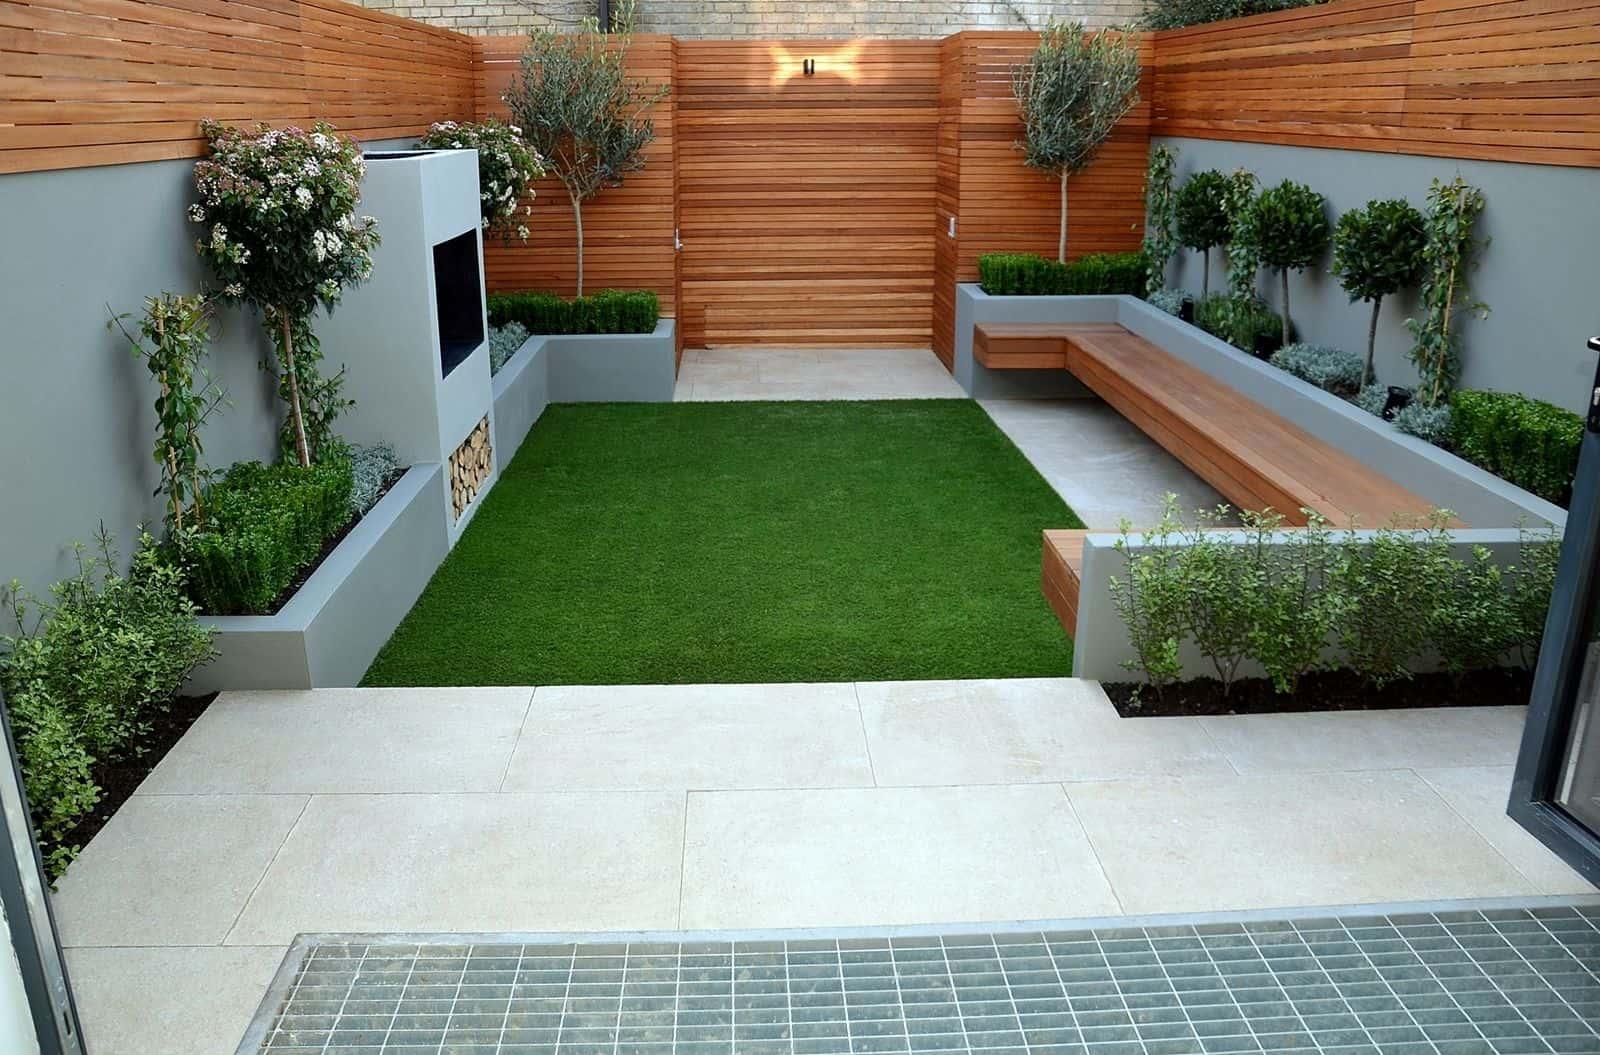 Jardines pequeños útiles y atractivos.